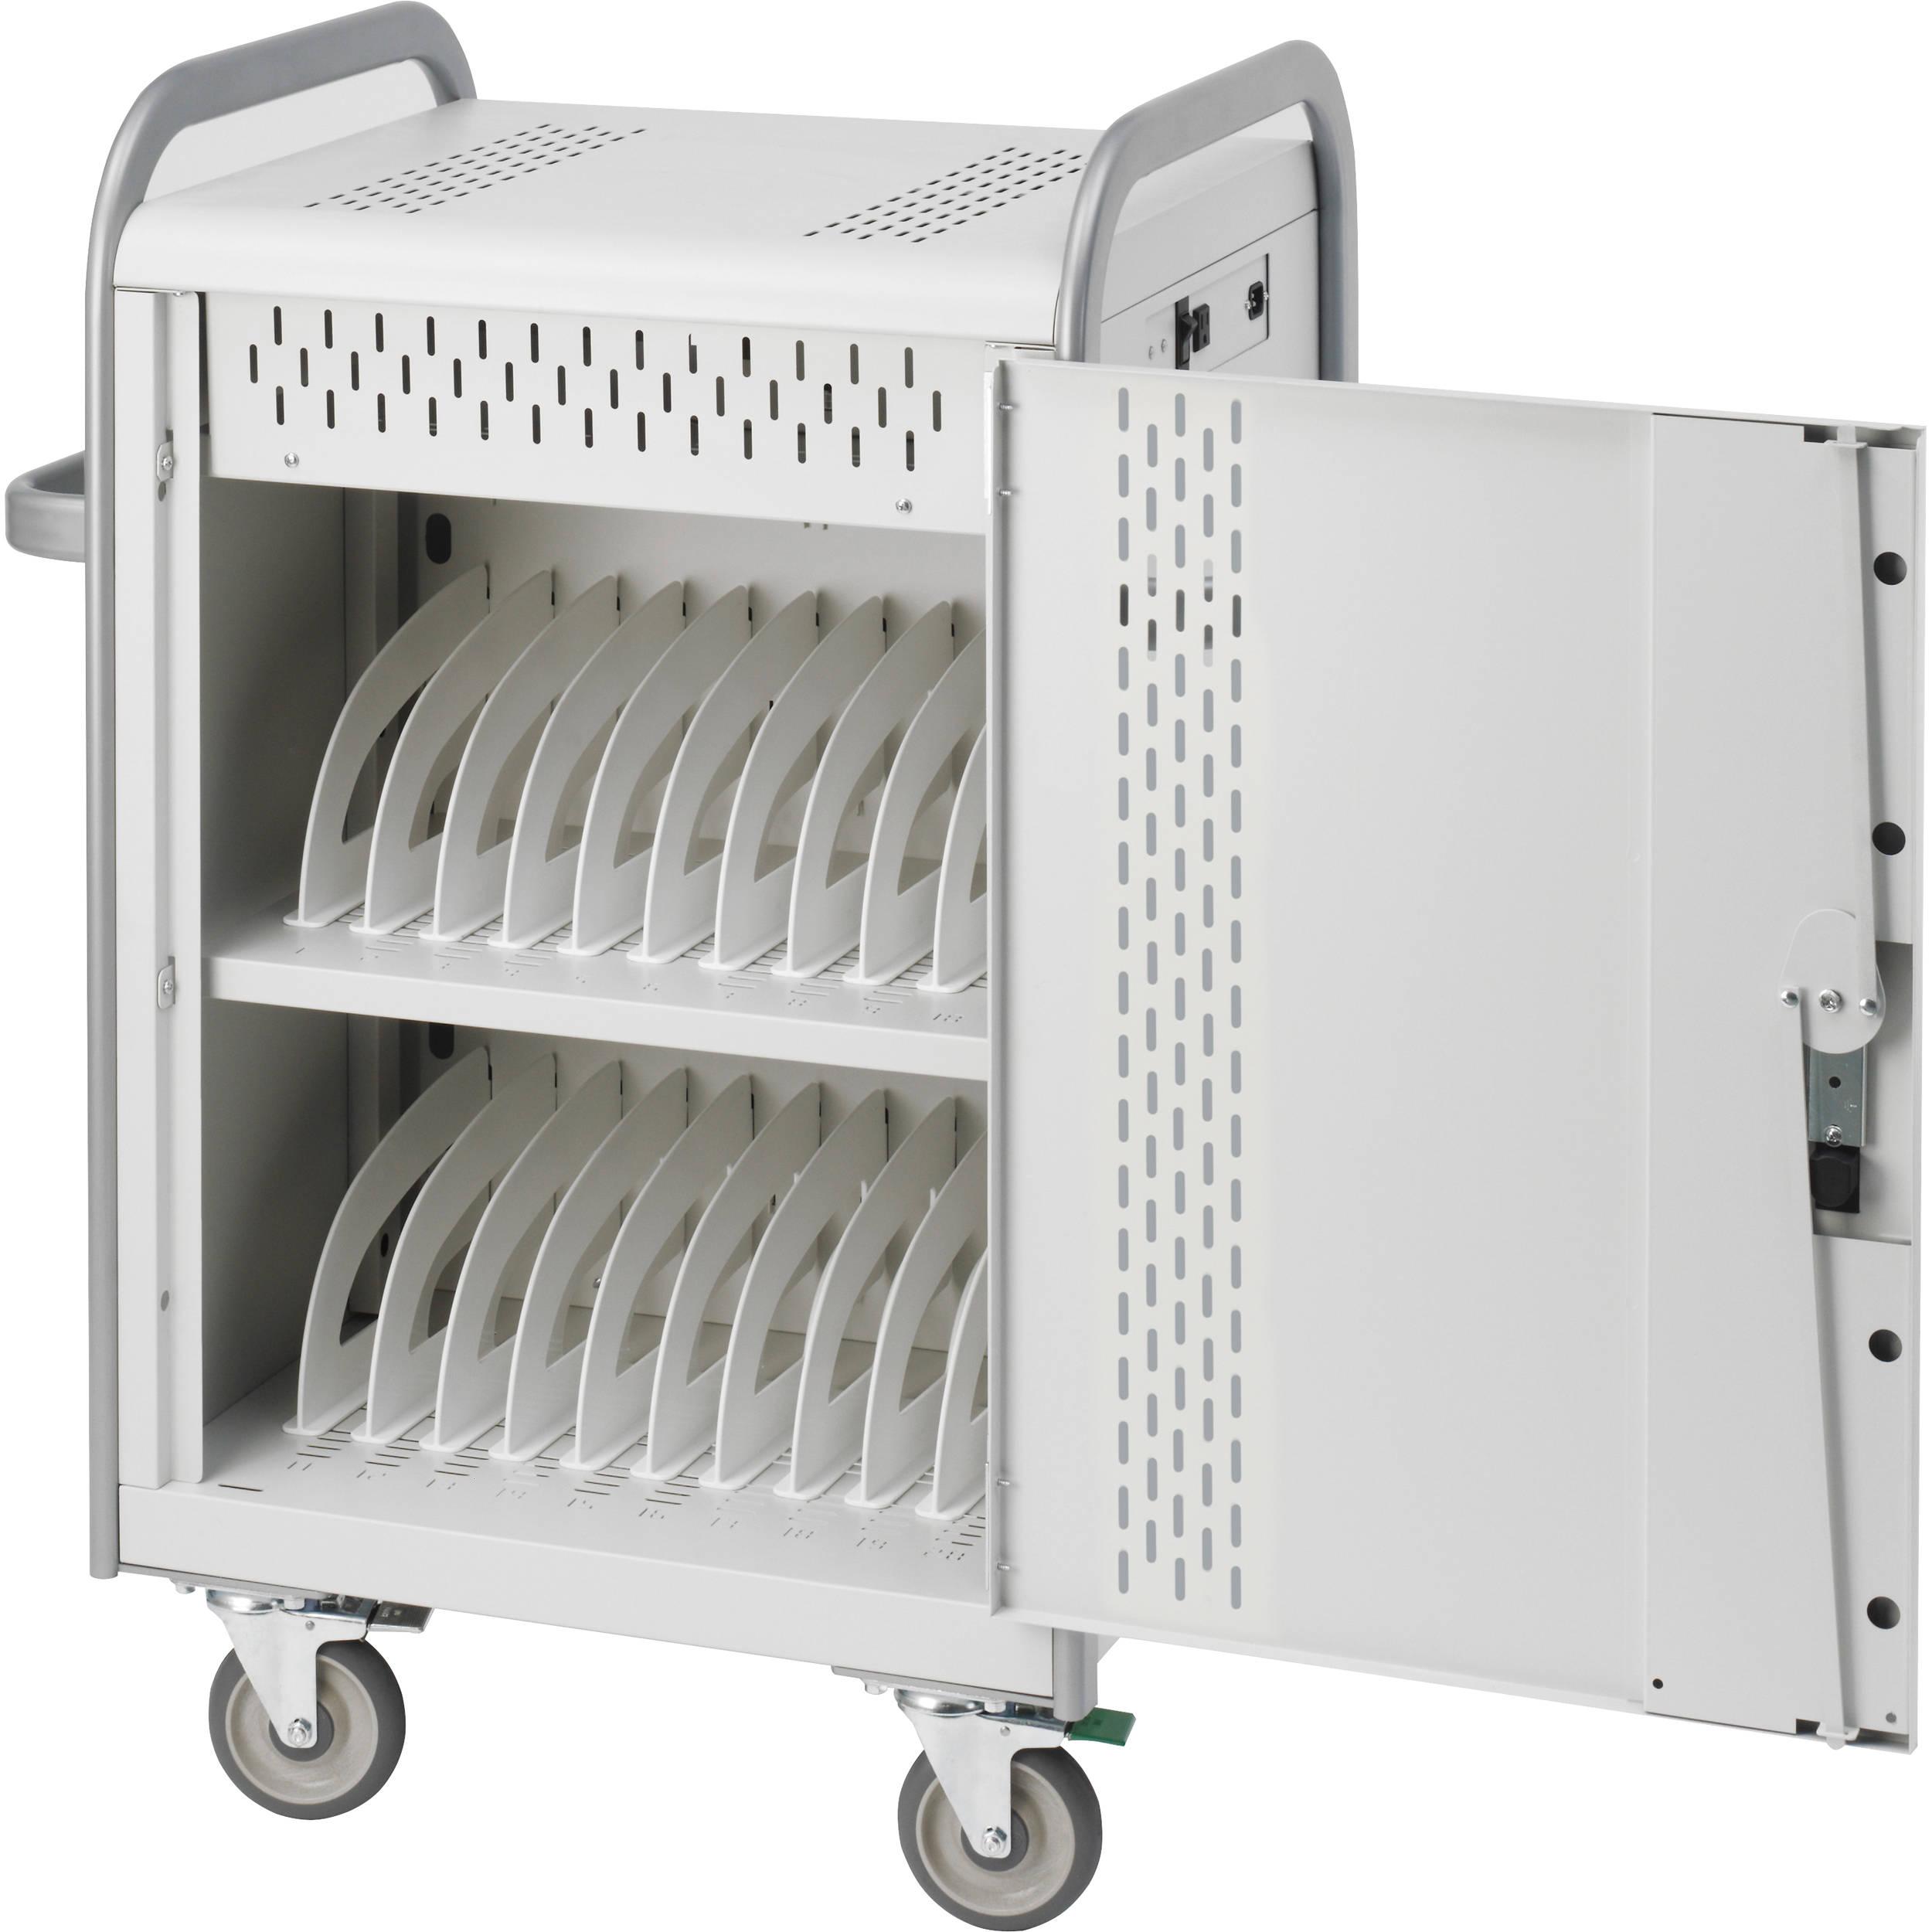 bretford 20unit mdm laptop cart with backdoors - Laptop Cart